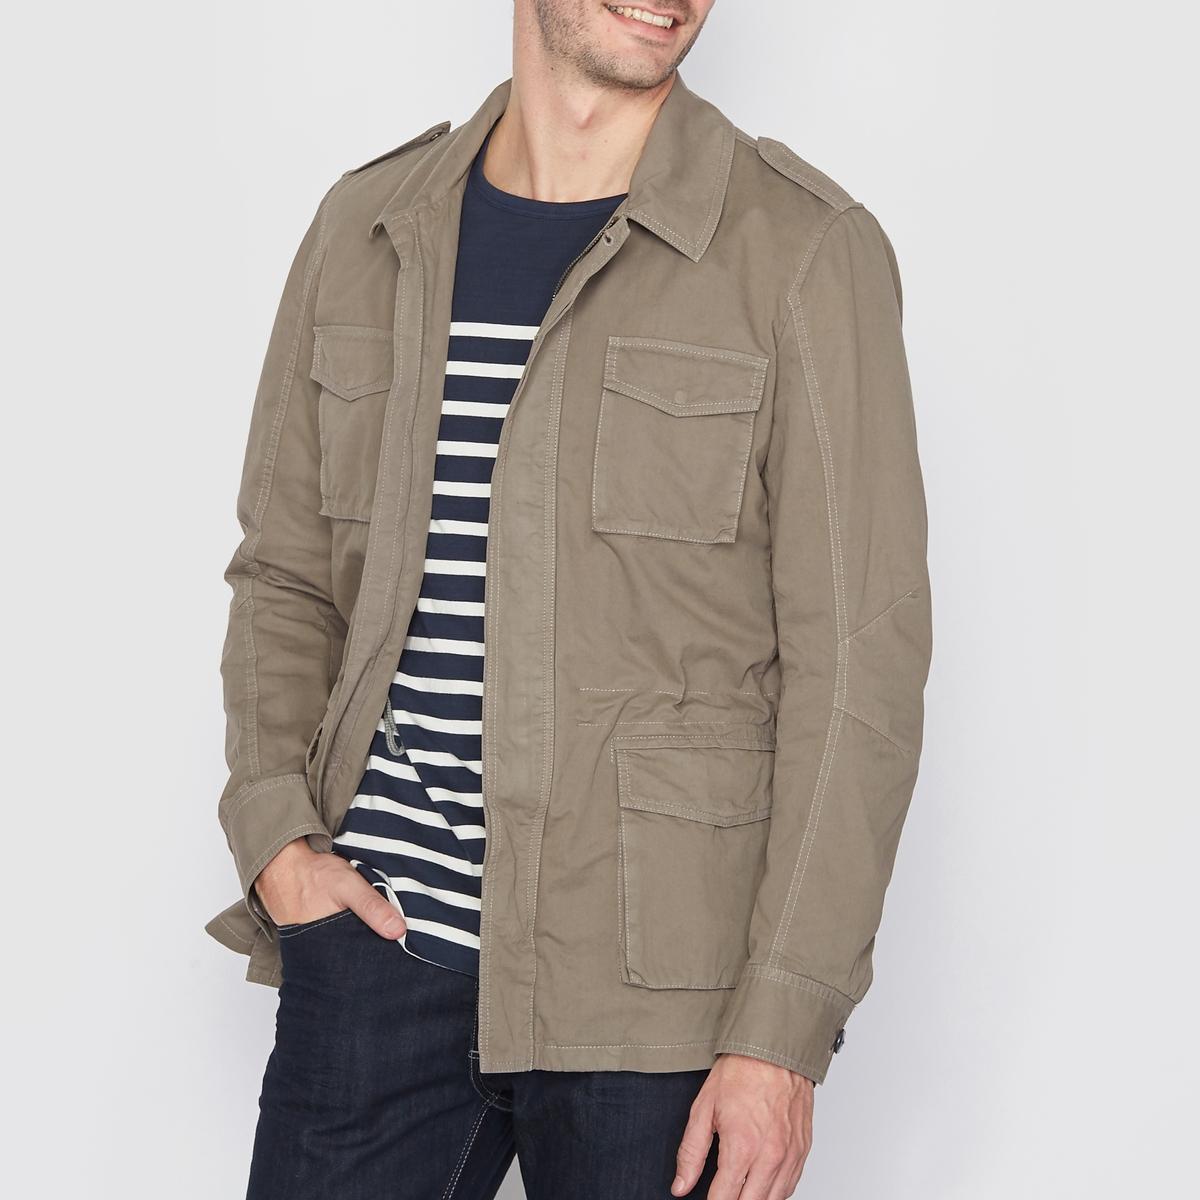 Куртка в стиле милитариКуртка в стиле милитари 100% хлопка, подкладка 100% полиэстера . Супатная застежка на пуговицы и молнию. 4 кармана с клапанами спереди. 2 внутренних кармана. Пояс на кулиске. Длина 75 см.<br><br>Цвет: хаки<br>Размер: S